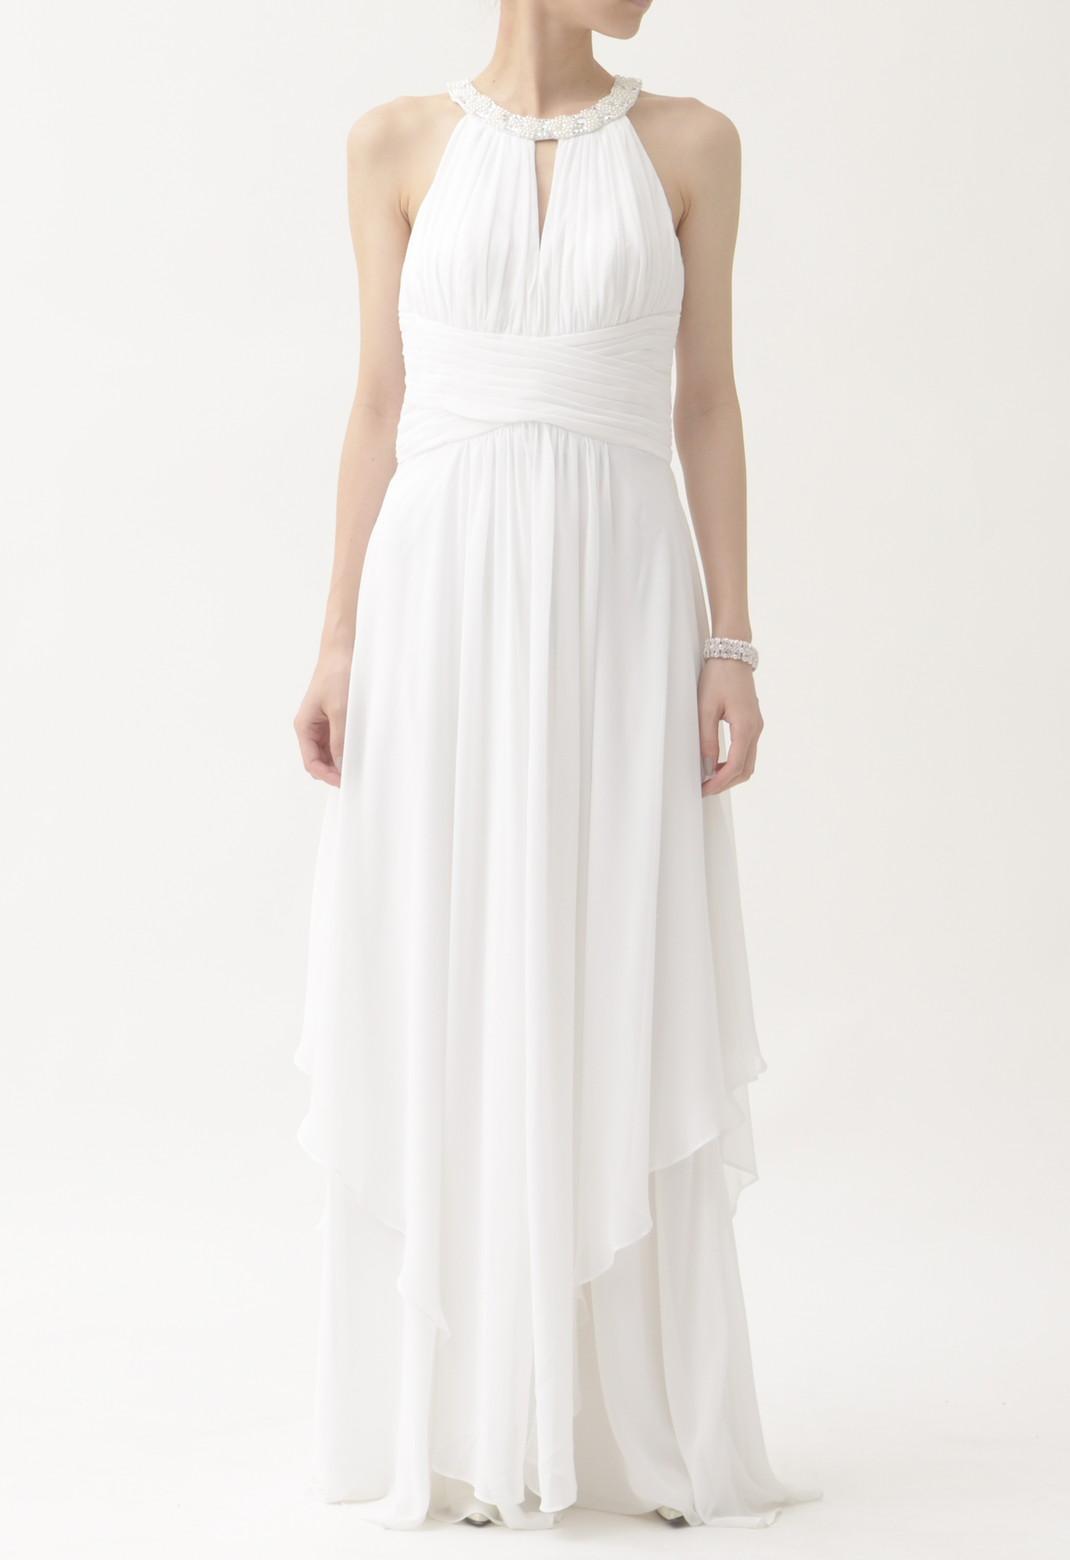 dbi studio ネックビジュー飾り  アメリカンスリーブ ロング ドレス